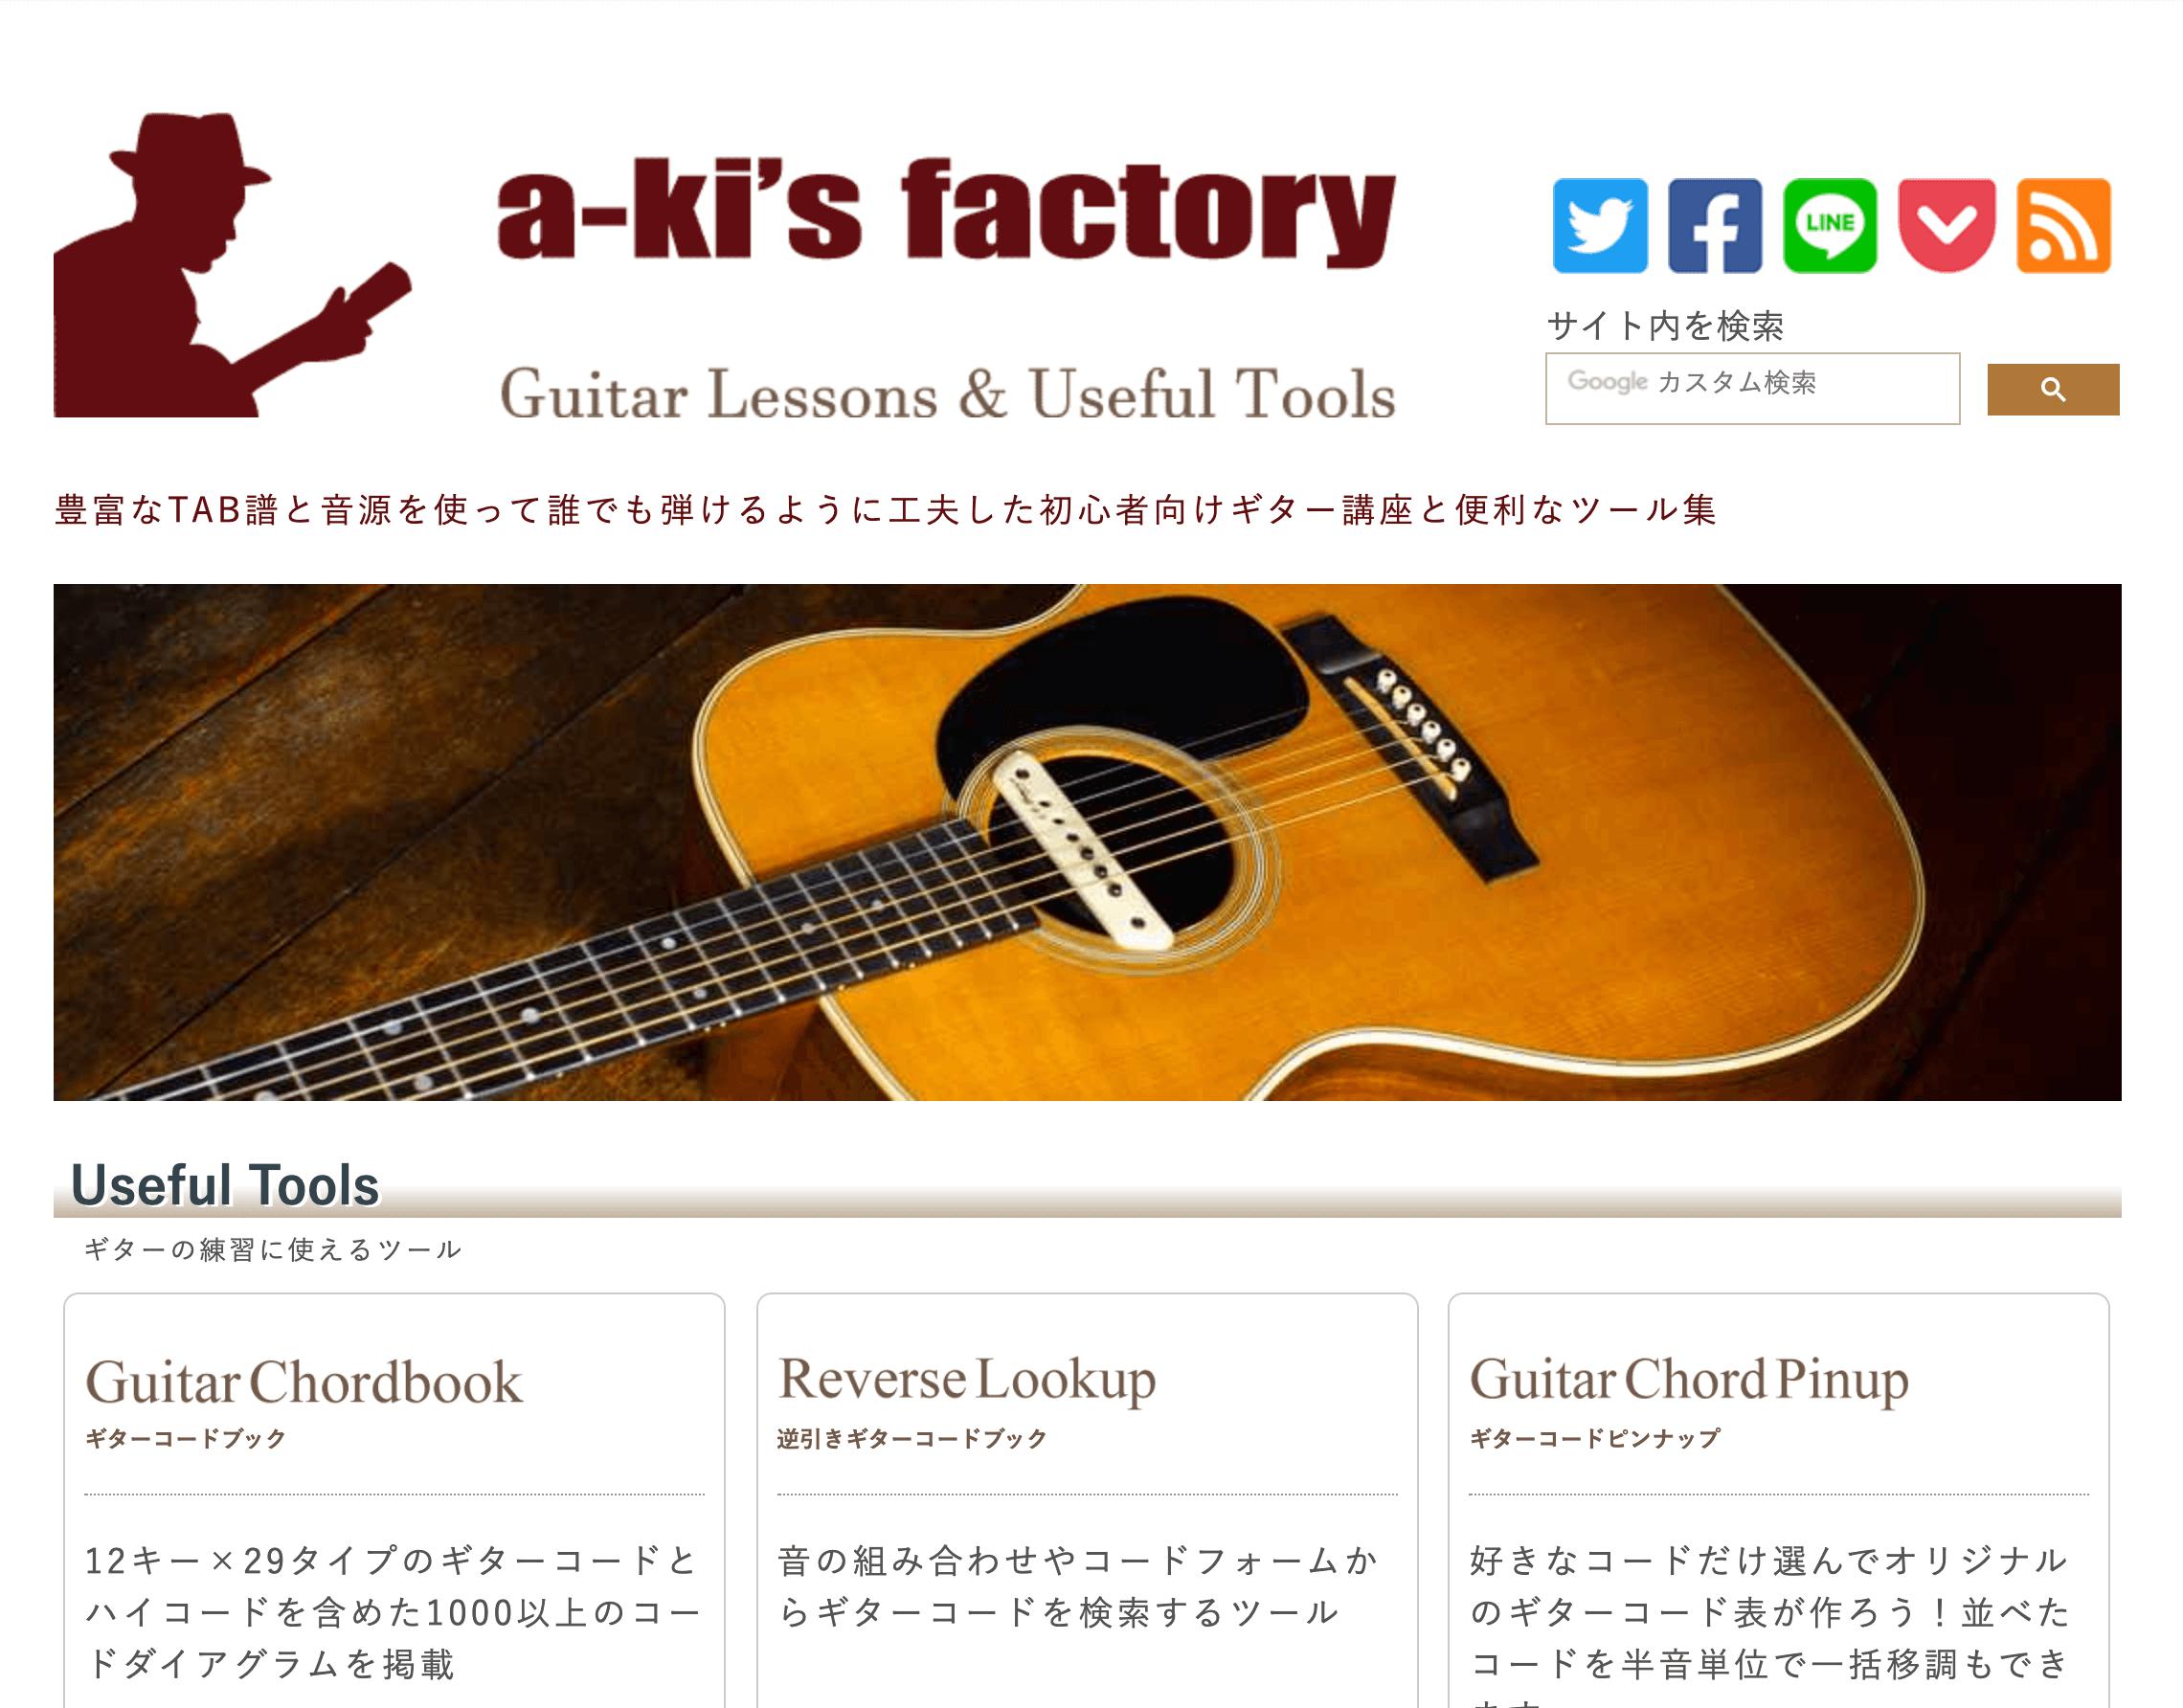 a-ki's factory